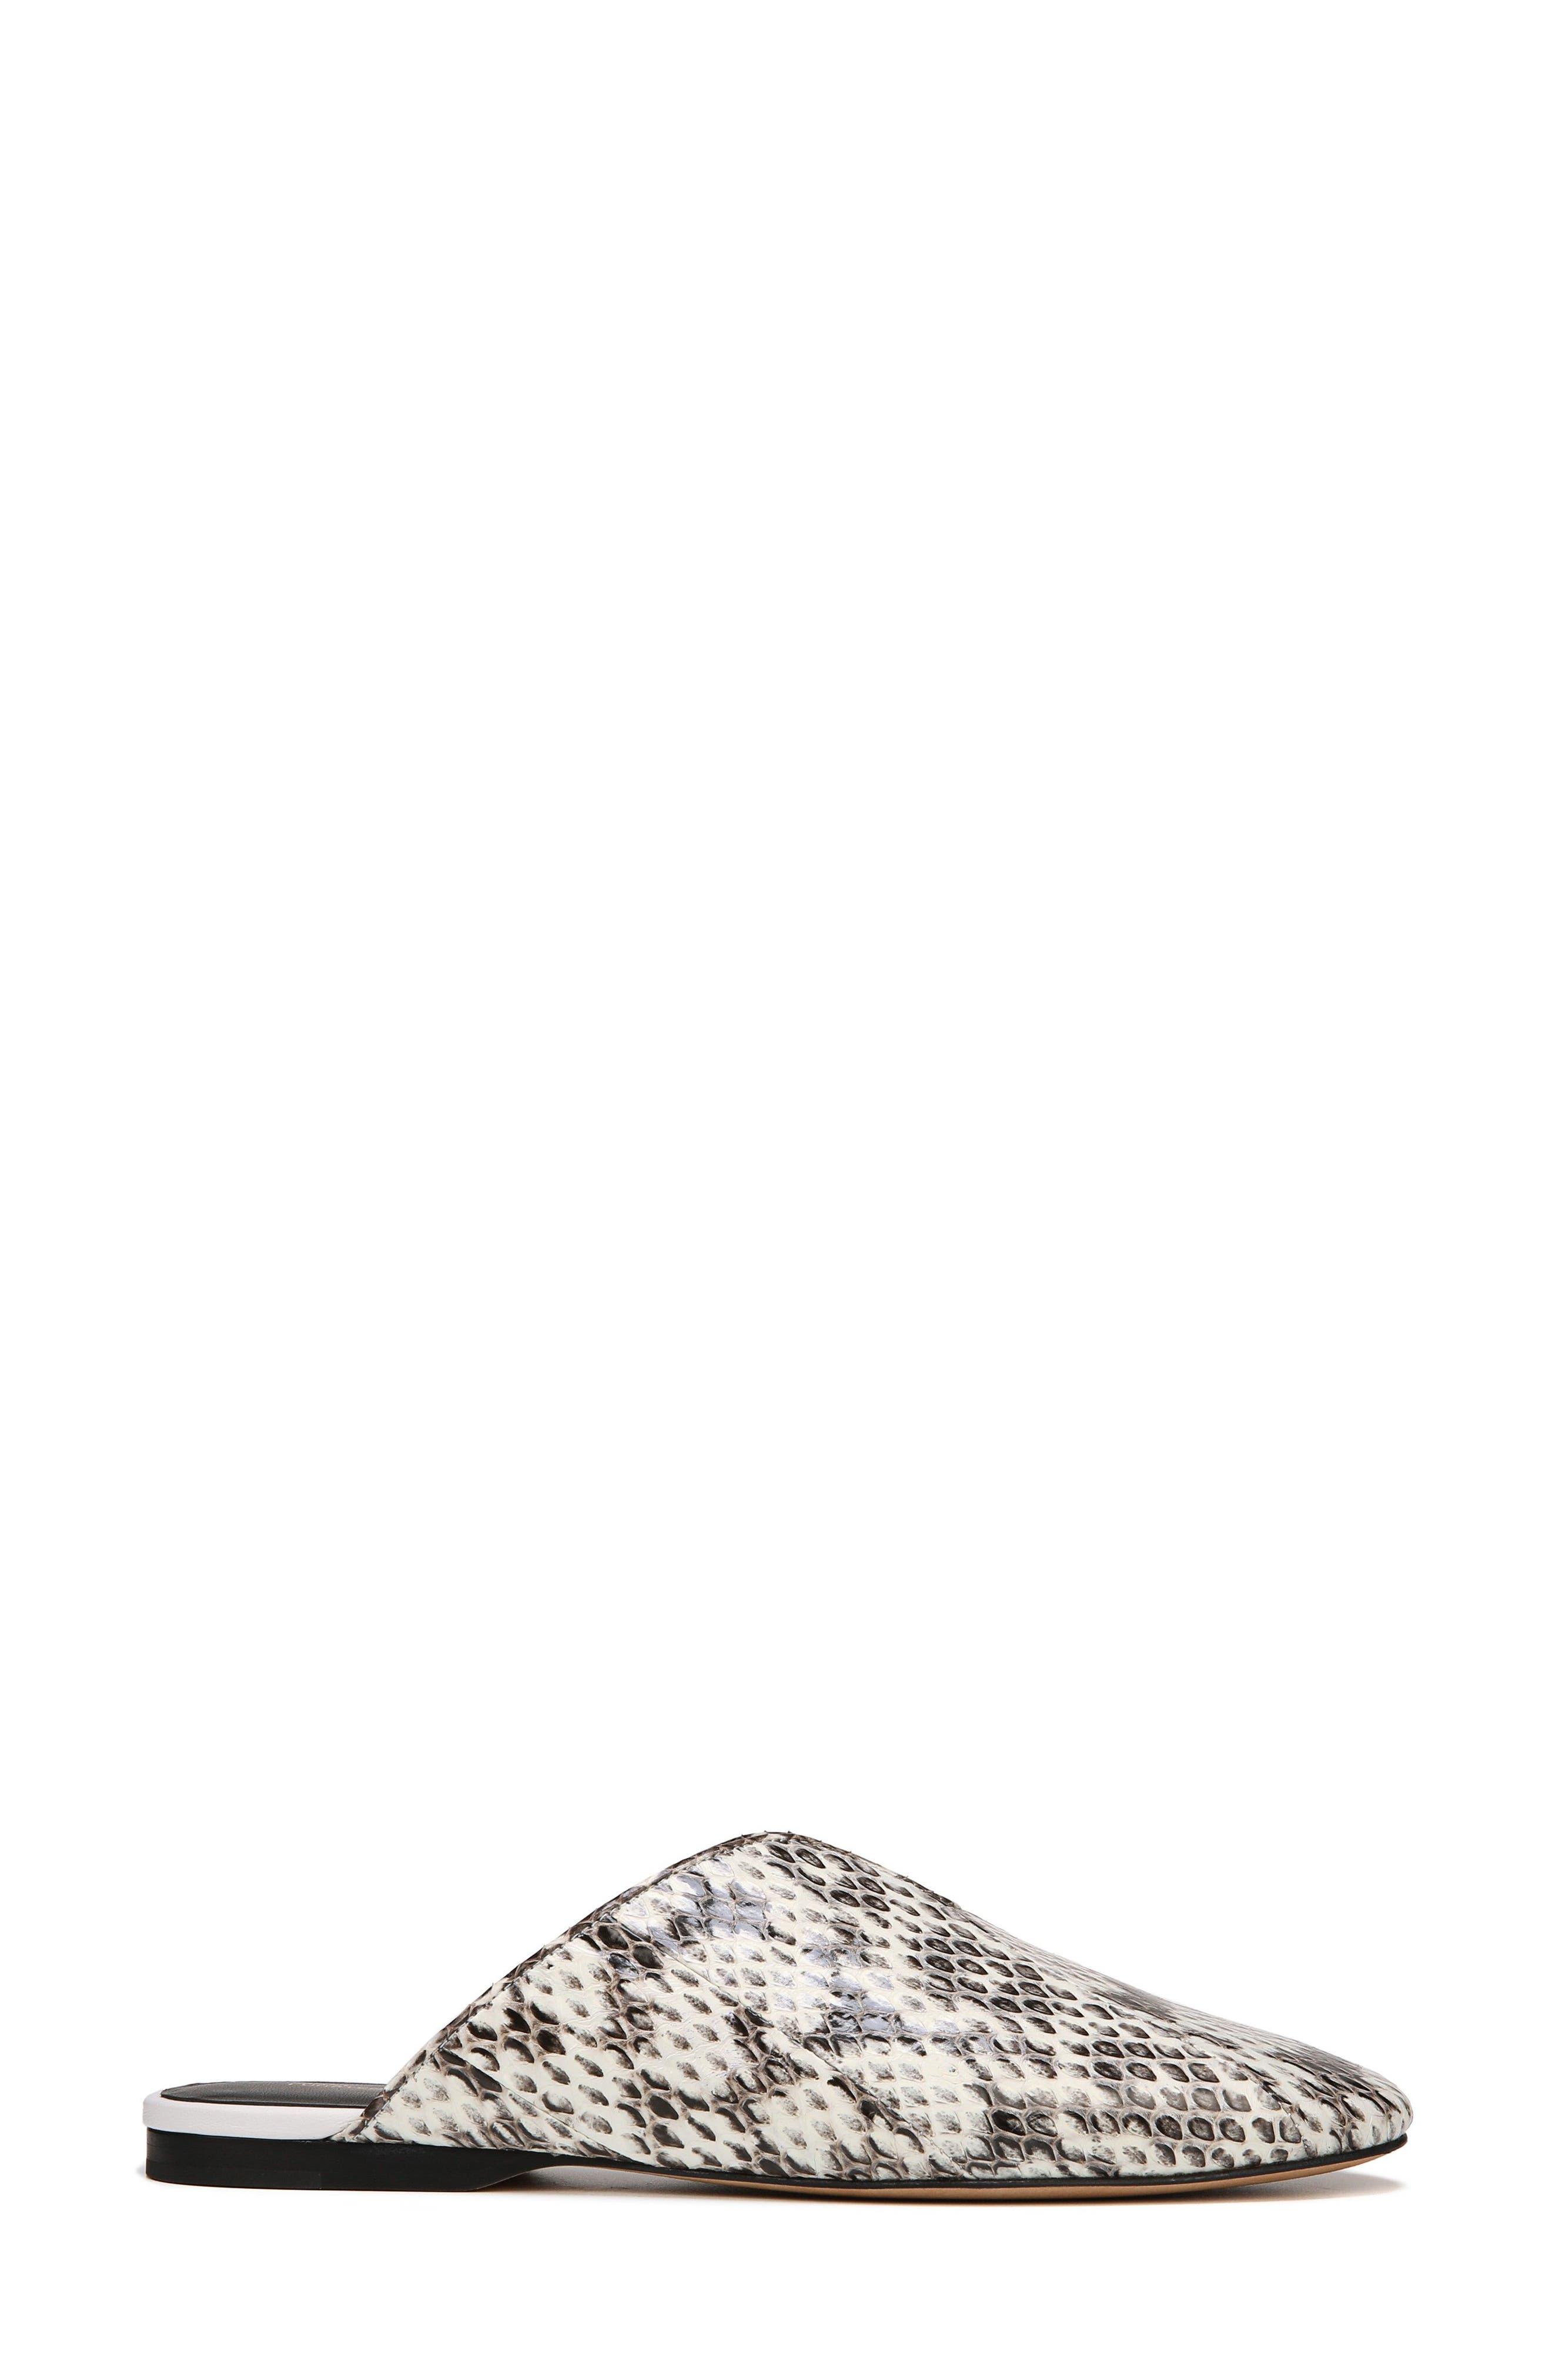 DVF Octavia Genuine Snakeskin Mule,                             Alternate thumbnail 3, color,                             NATURAL MULTI SNAKE